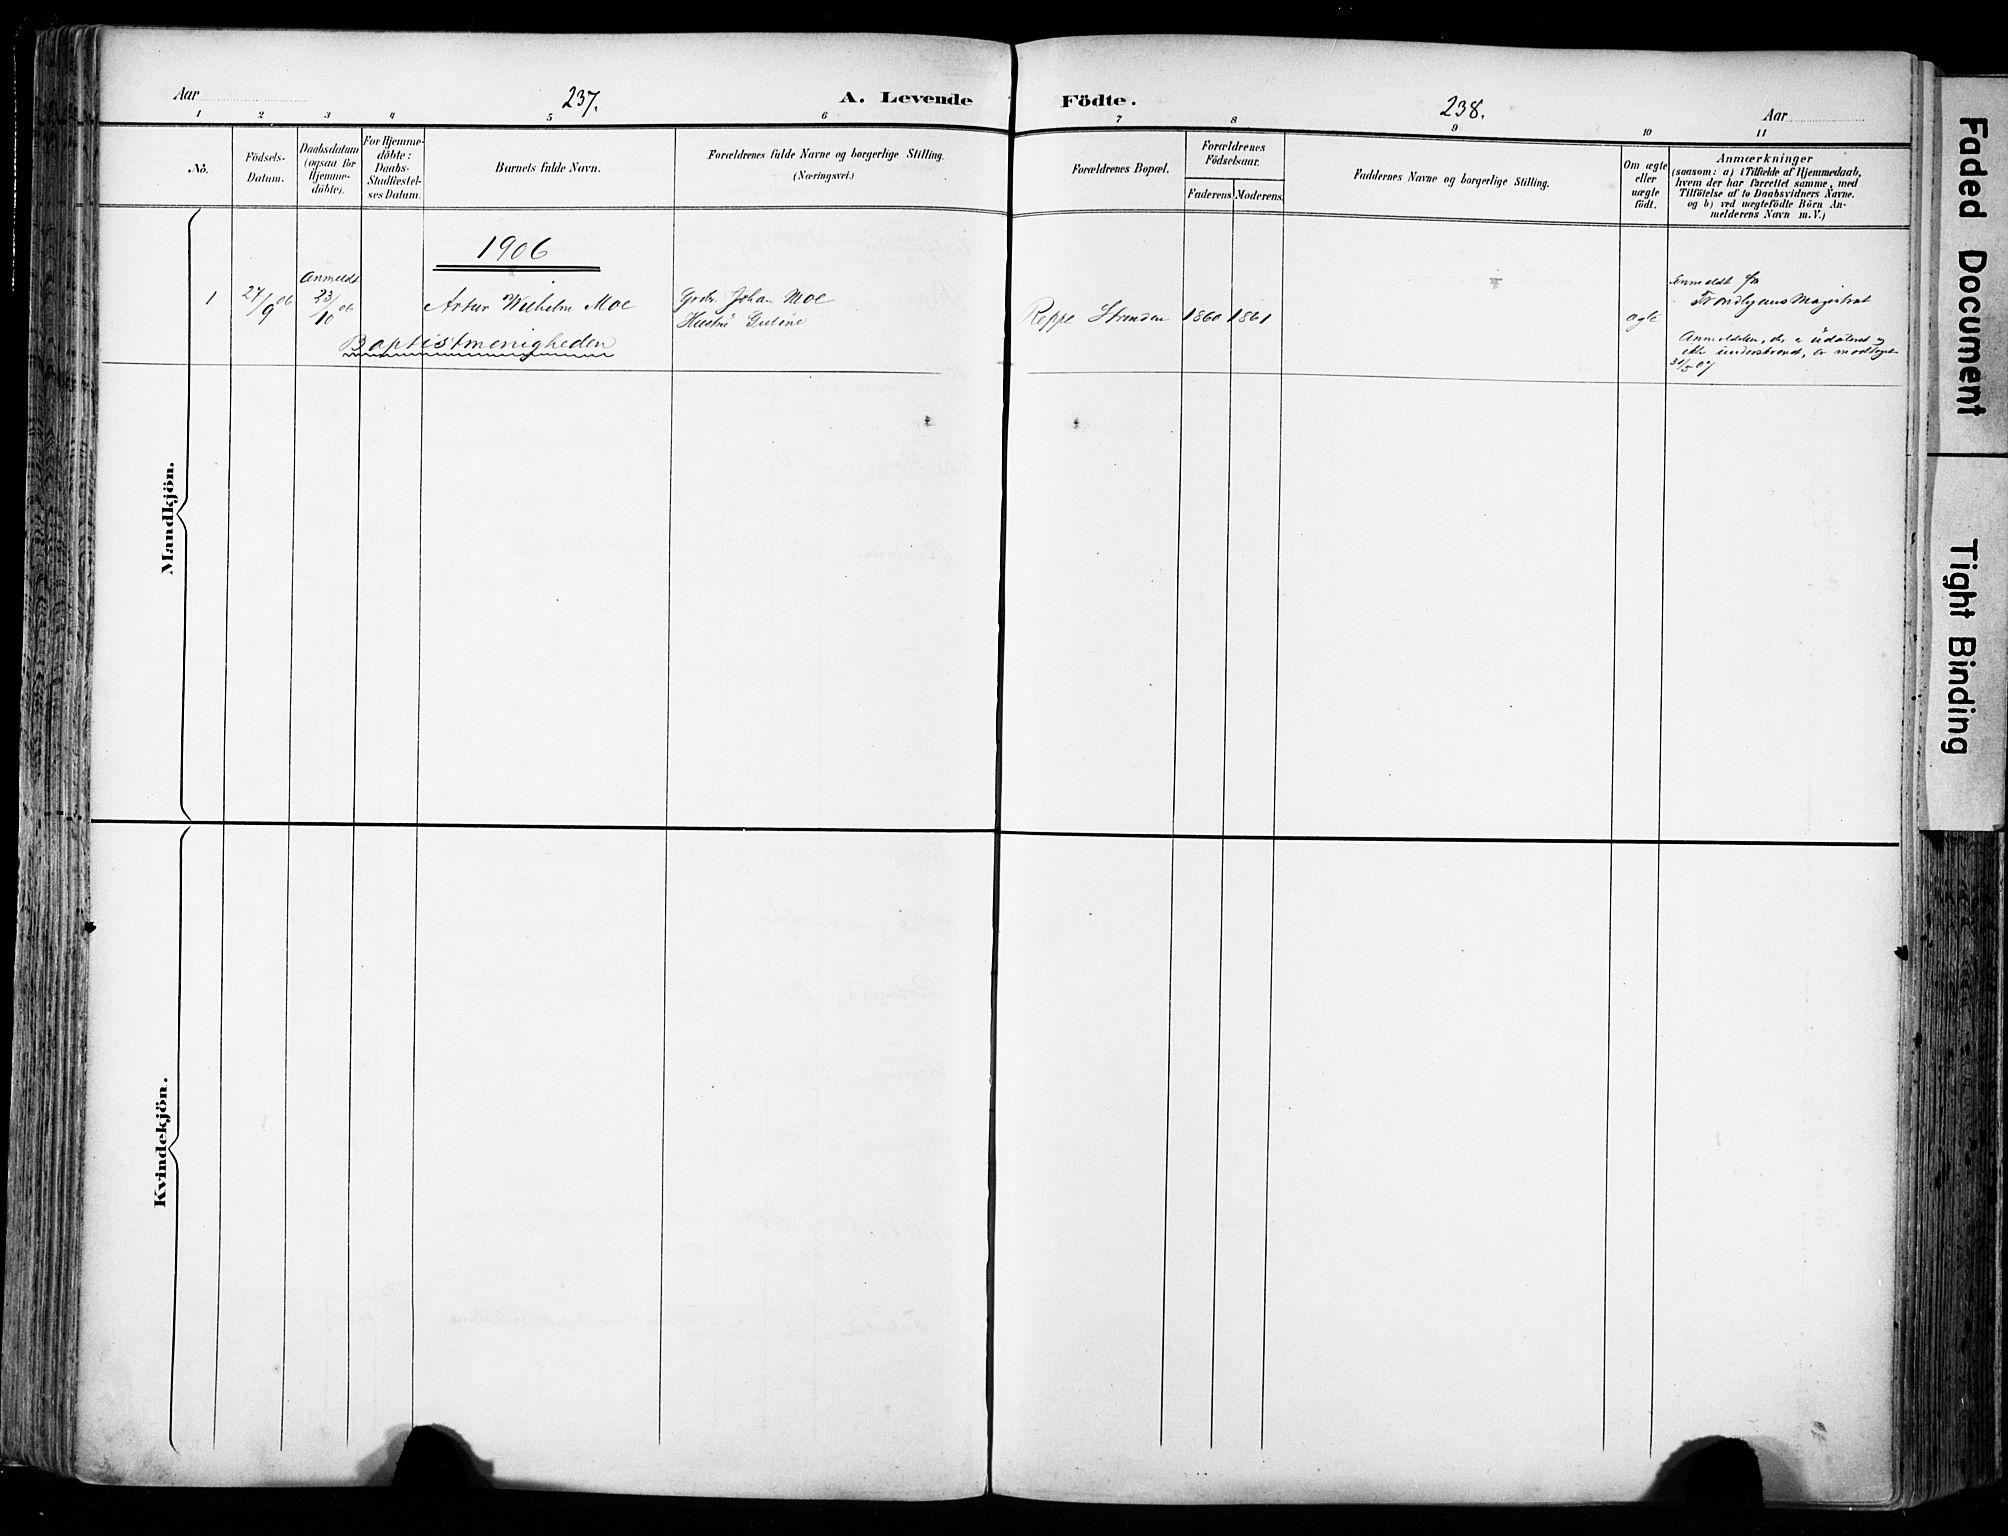 SAT, Ministerialprotokoller, klokkerbøker og fødselsregistre - Sør-Trøndelag, 606/L0301: Ministerialbok nr. 606A16, 1894-1907, s. 237-238